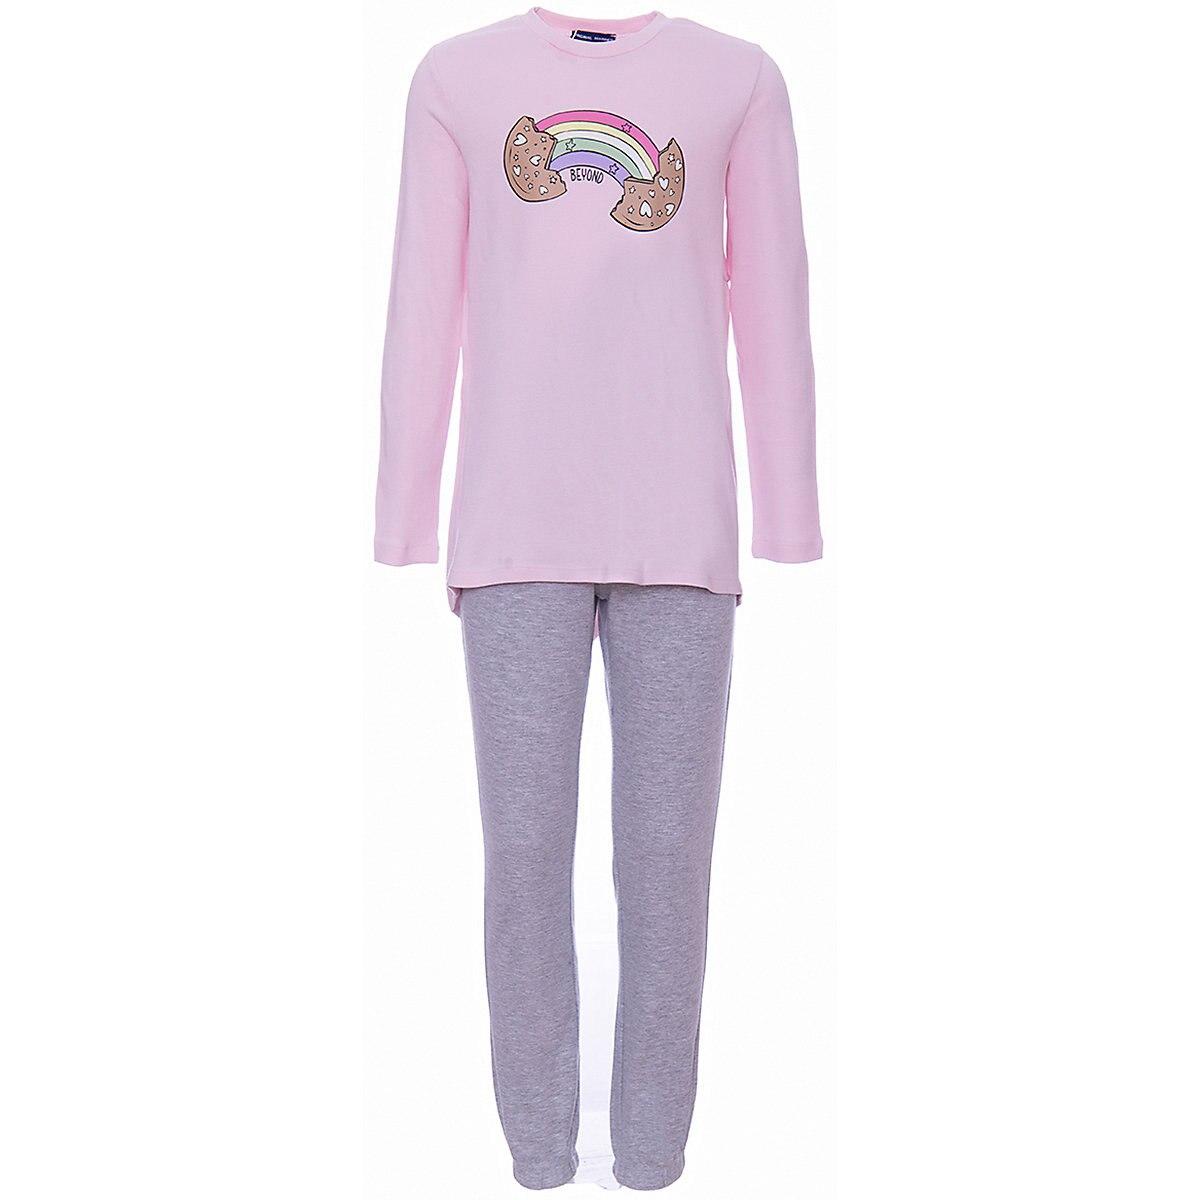 ORIGINAL MARINES Sleepwear & Robes 9502075 Cotton Baby Girls Clothing Pajamas MTpromo